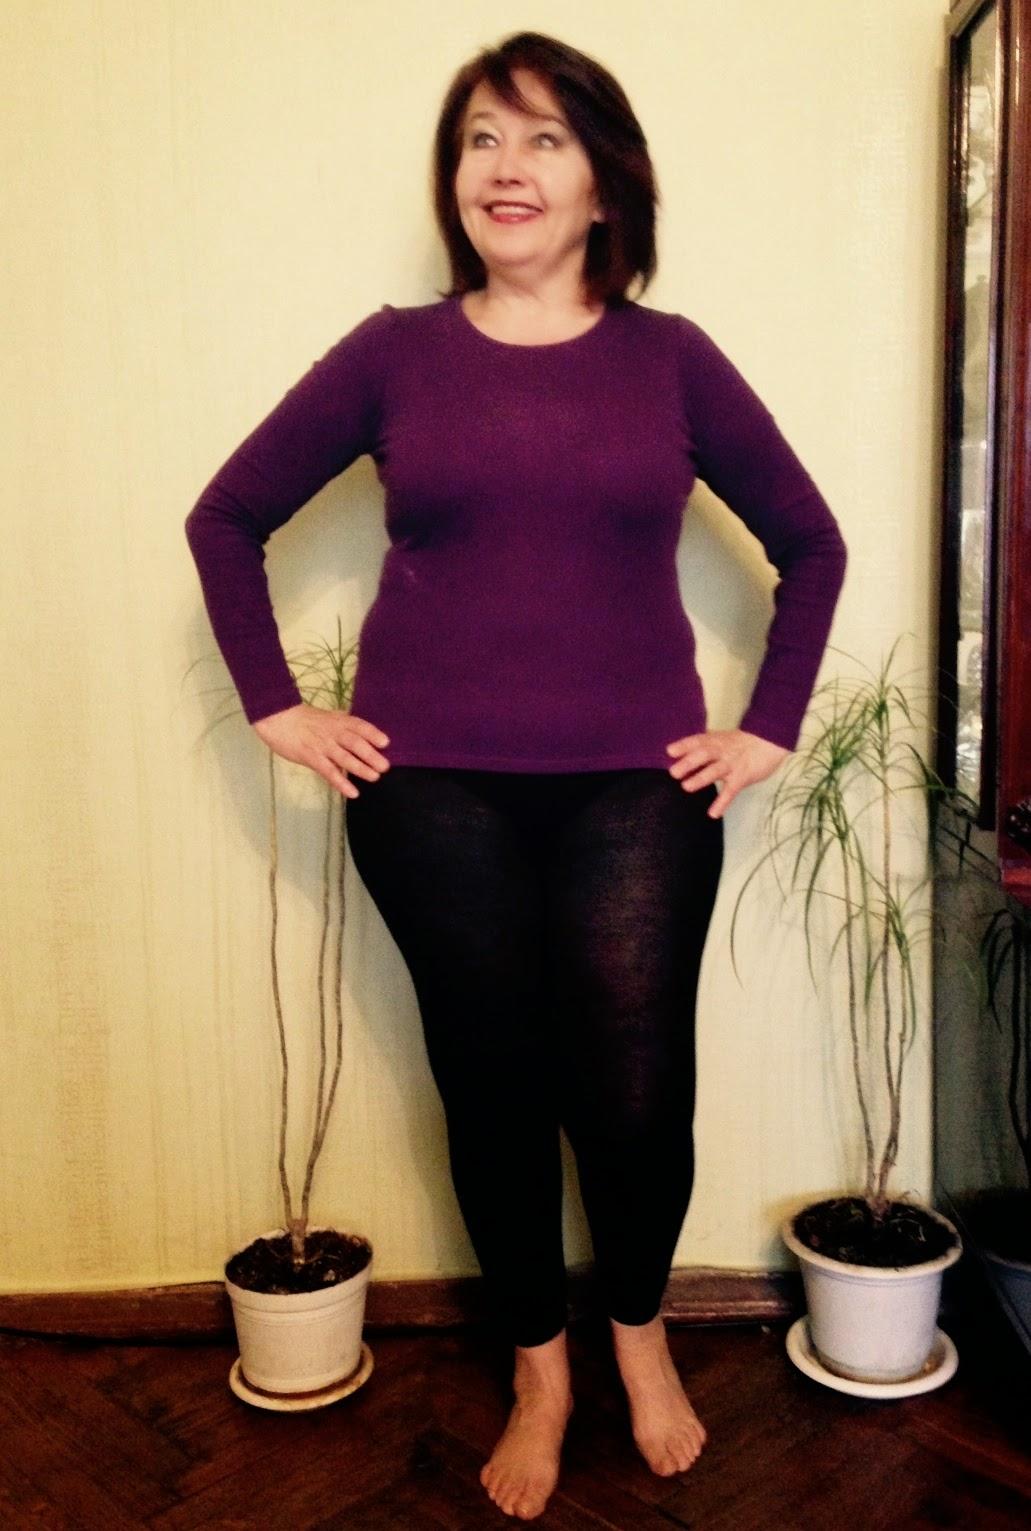 как похудеть в 15 лет на 6 кг